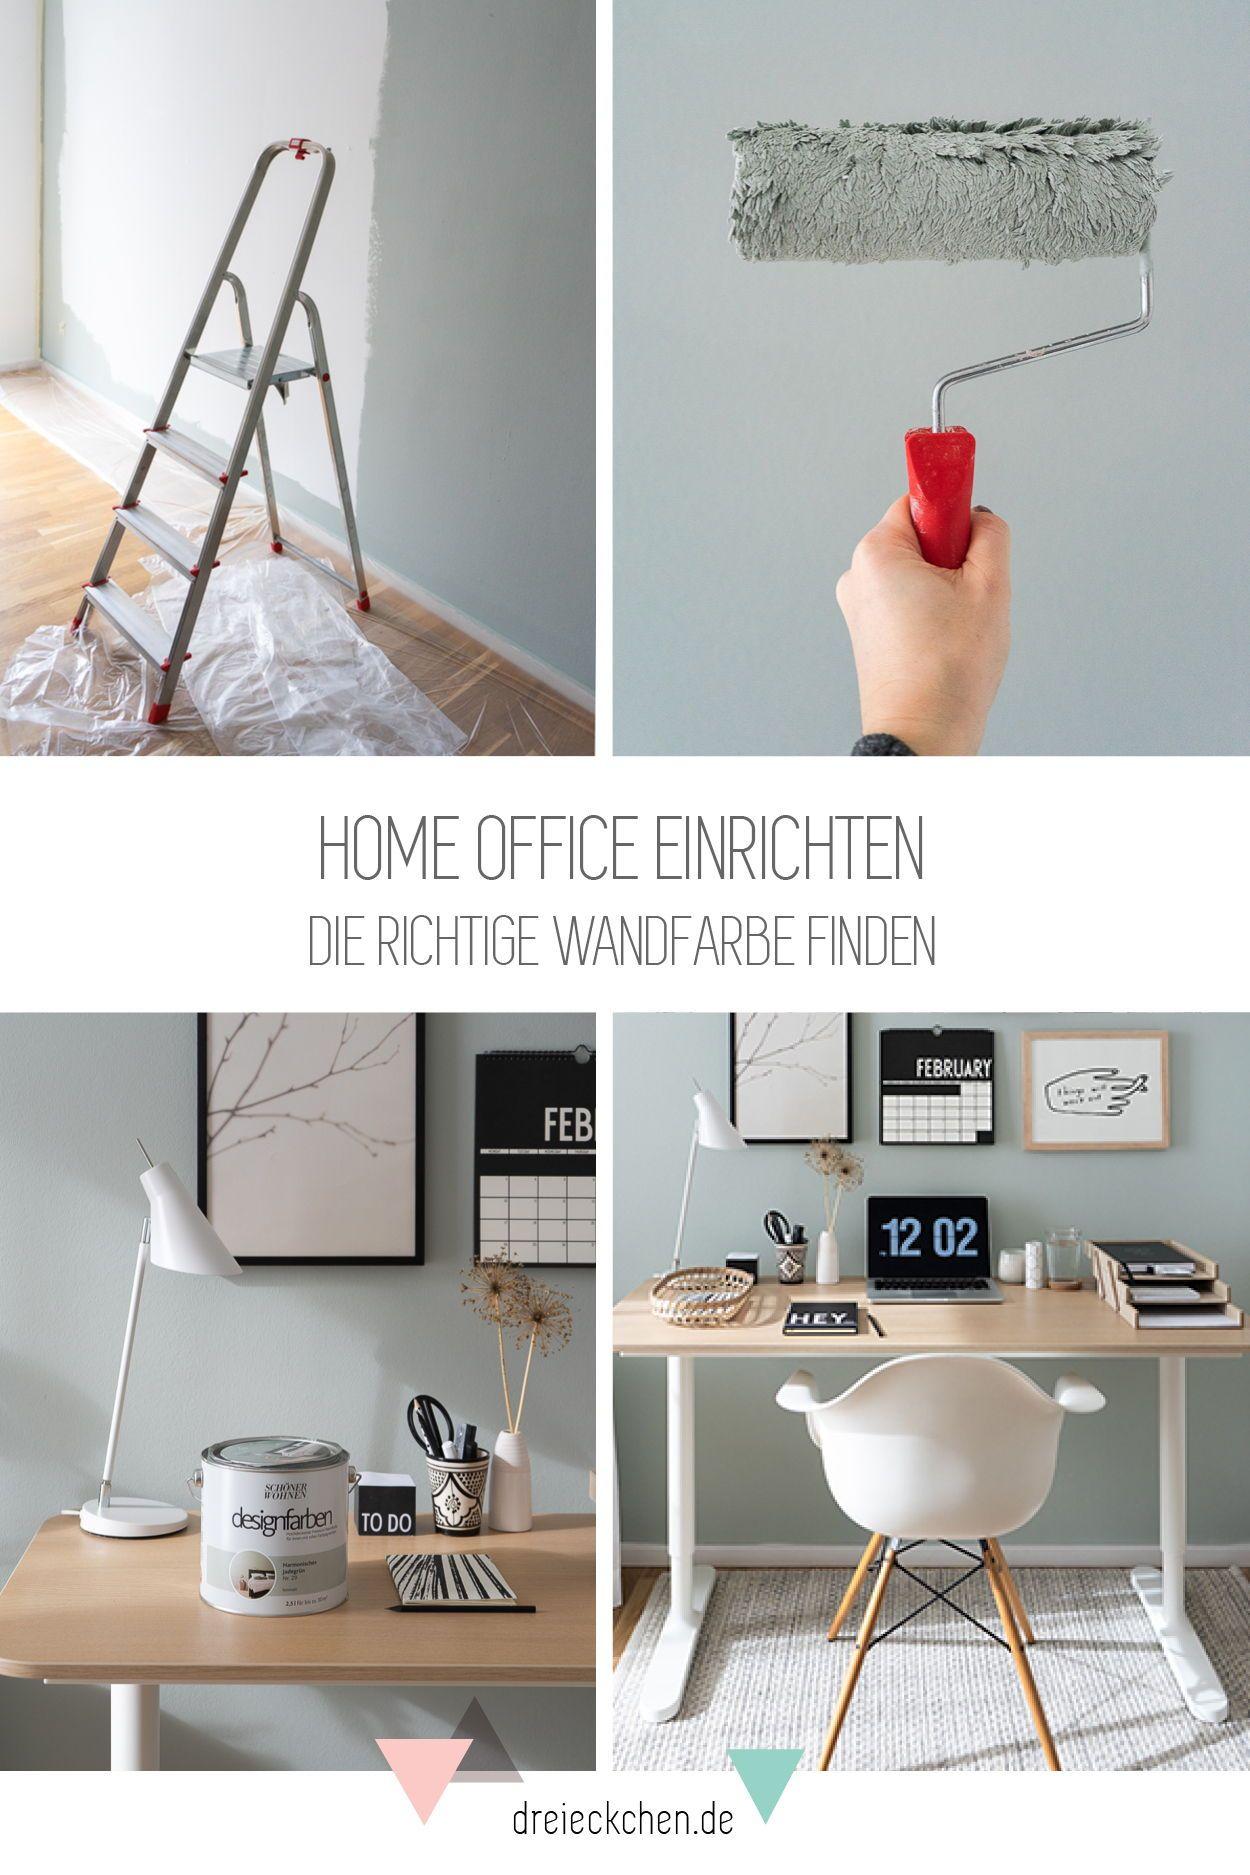 Arbeitszimmer Einrichten Ideen Fur Das Buro Zuhause Blog Dreieckchen In 2021 Home Office Einrichten Arbeitszimmer Einrichten Home Office